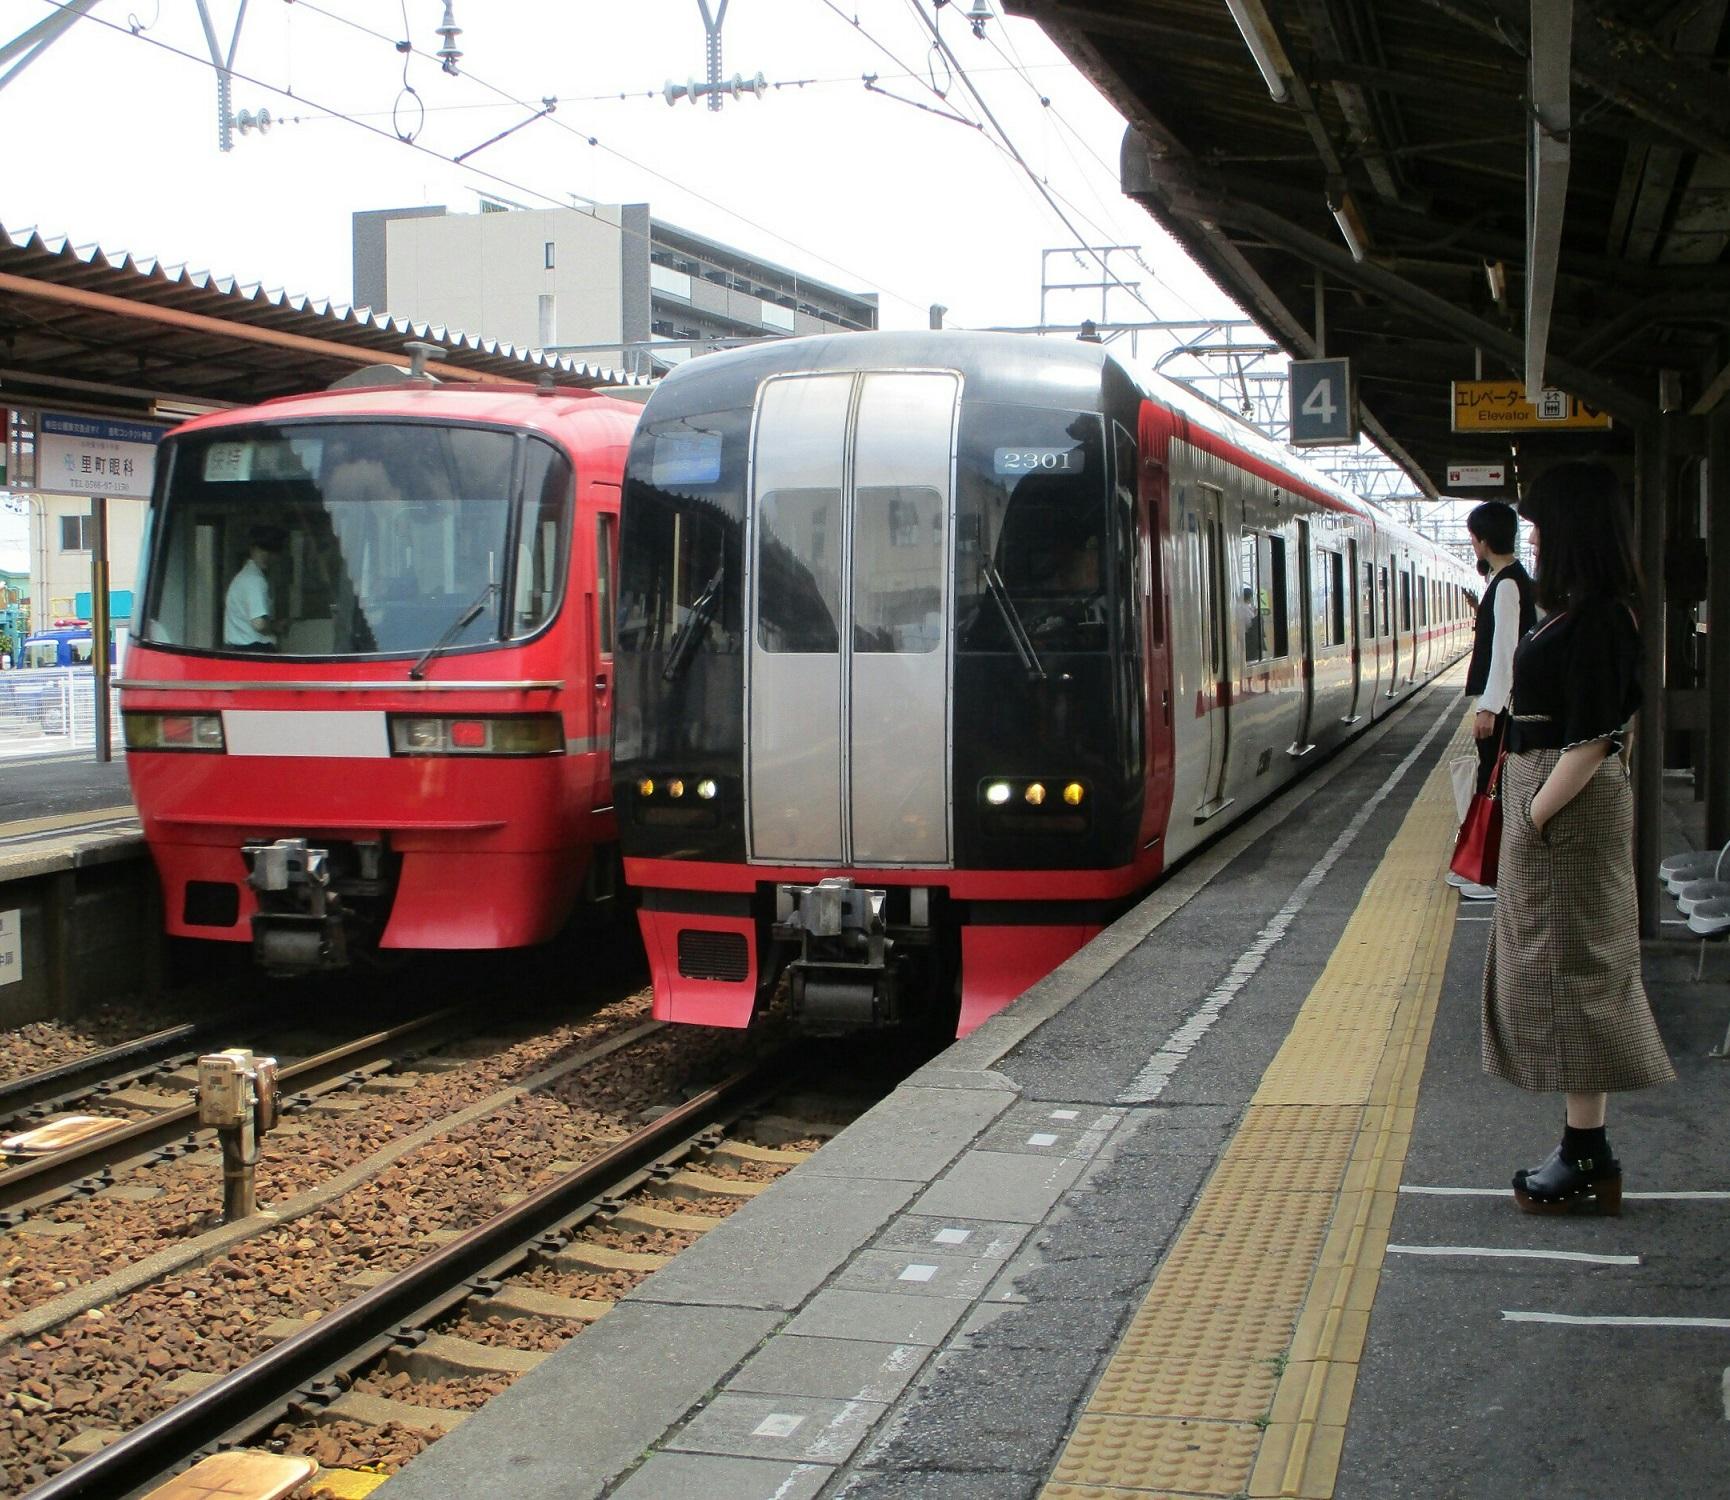 2019.6.4 (3) しんあんじょう - 岐阜いき特急 1730-1500